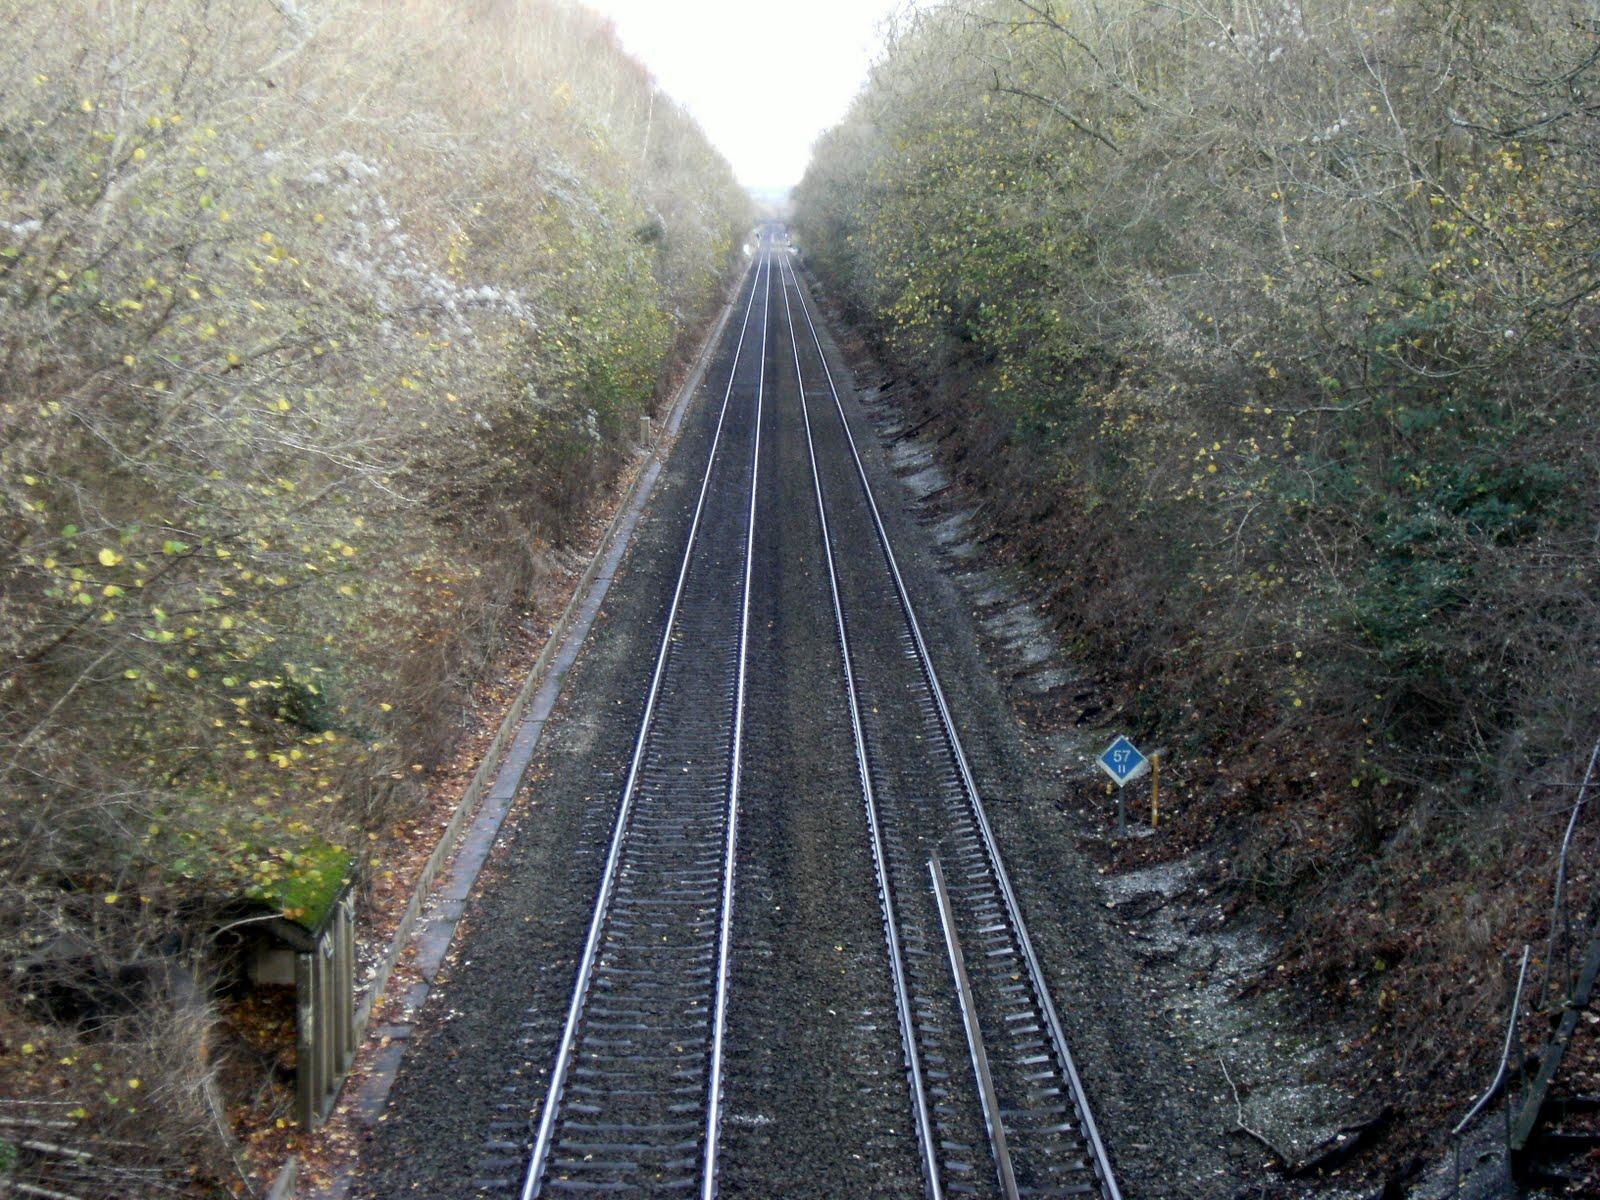 DSCF2703 Railway line between Overton & Whitchurch